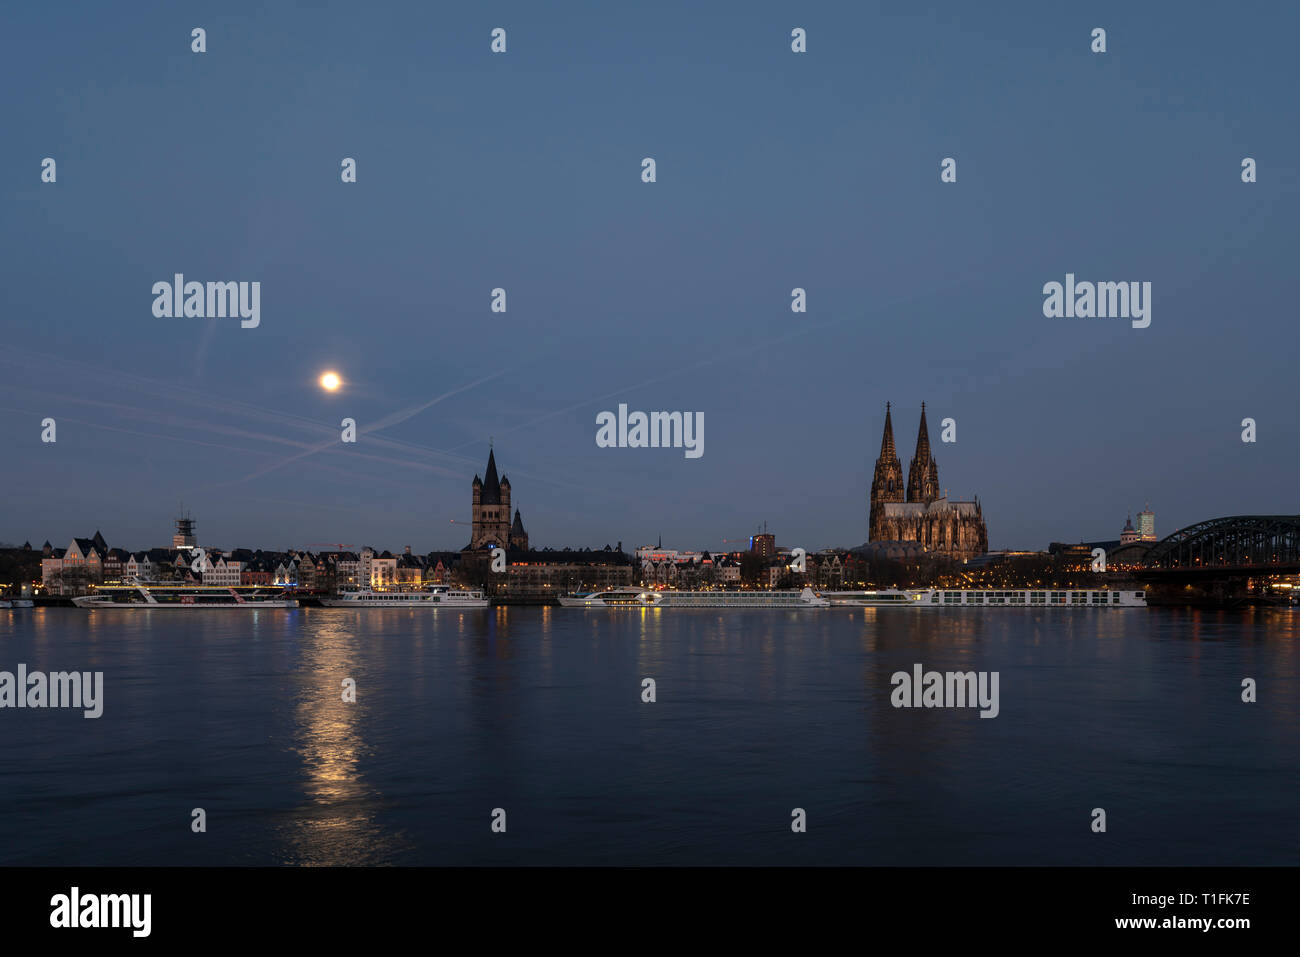 Köln, Blick von der rechten Rheinseite auf Dom, Groß-Sankt-Martin und Rathaus kurz vor Sonnenaufgang bei Vollmond - Stock Image